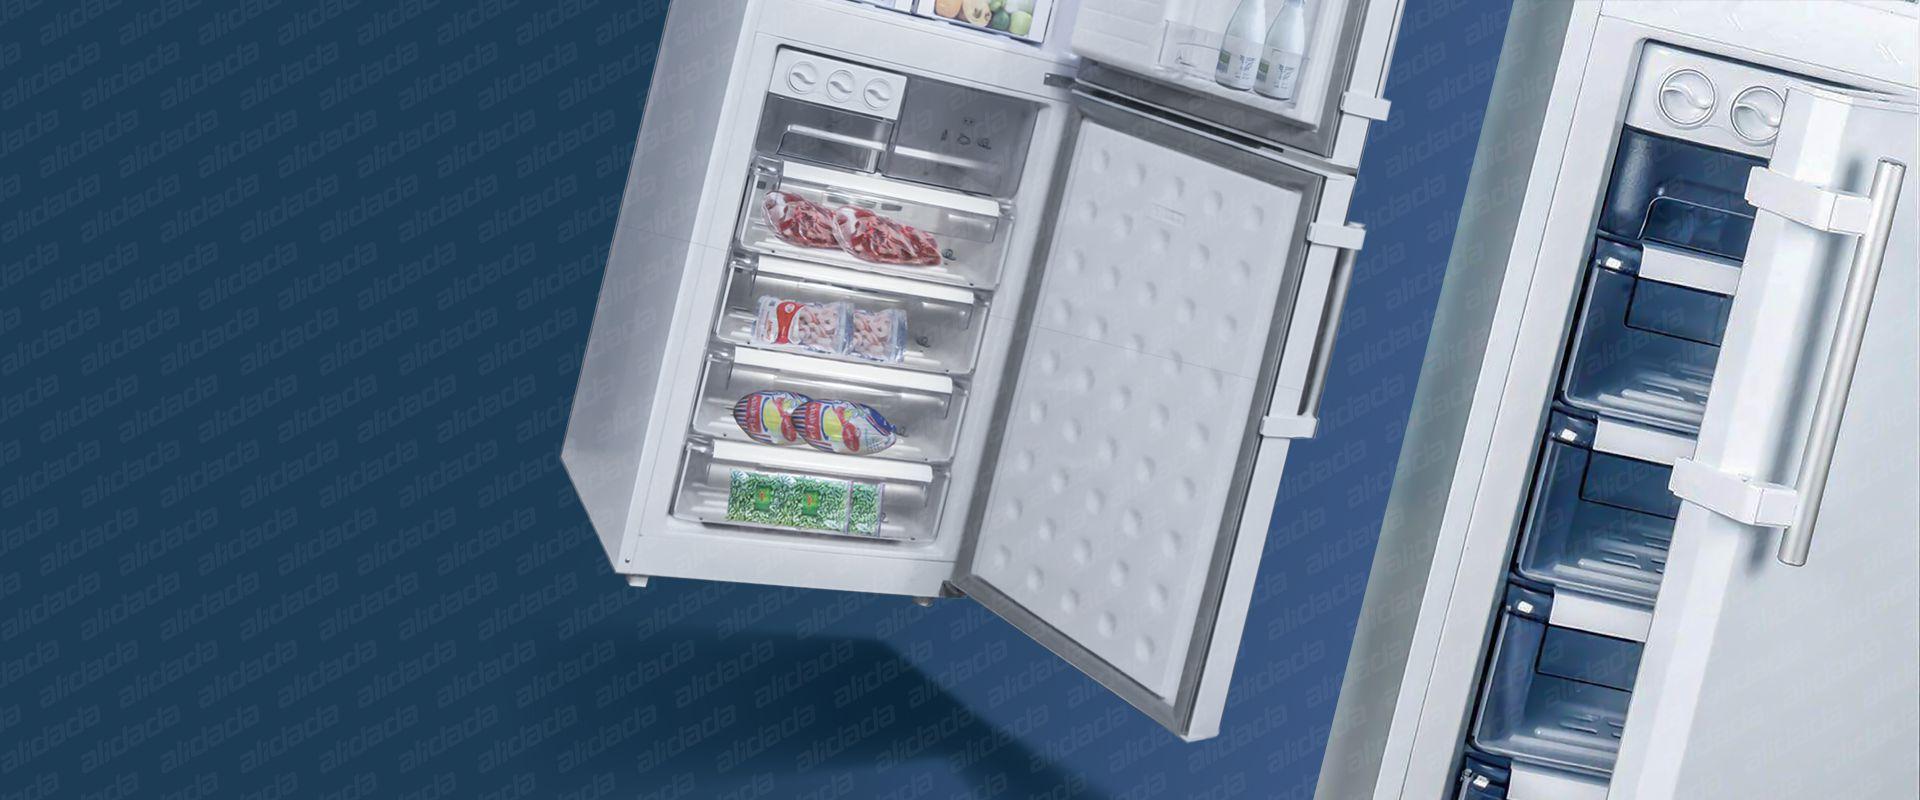 ویژگی های ظاهری یخچال فریزر الکترواستیل مدل ES27 سری استار STAR